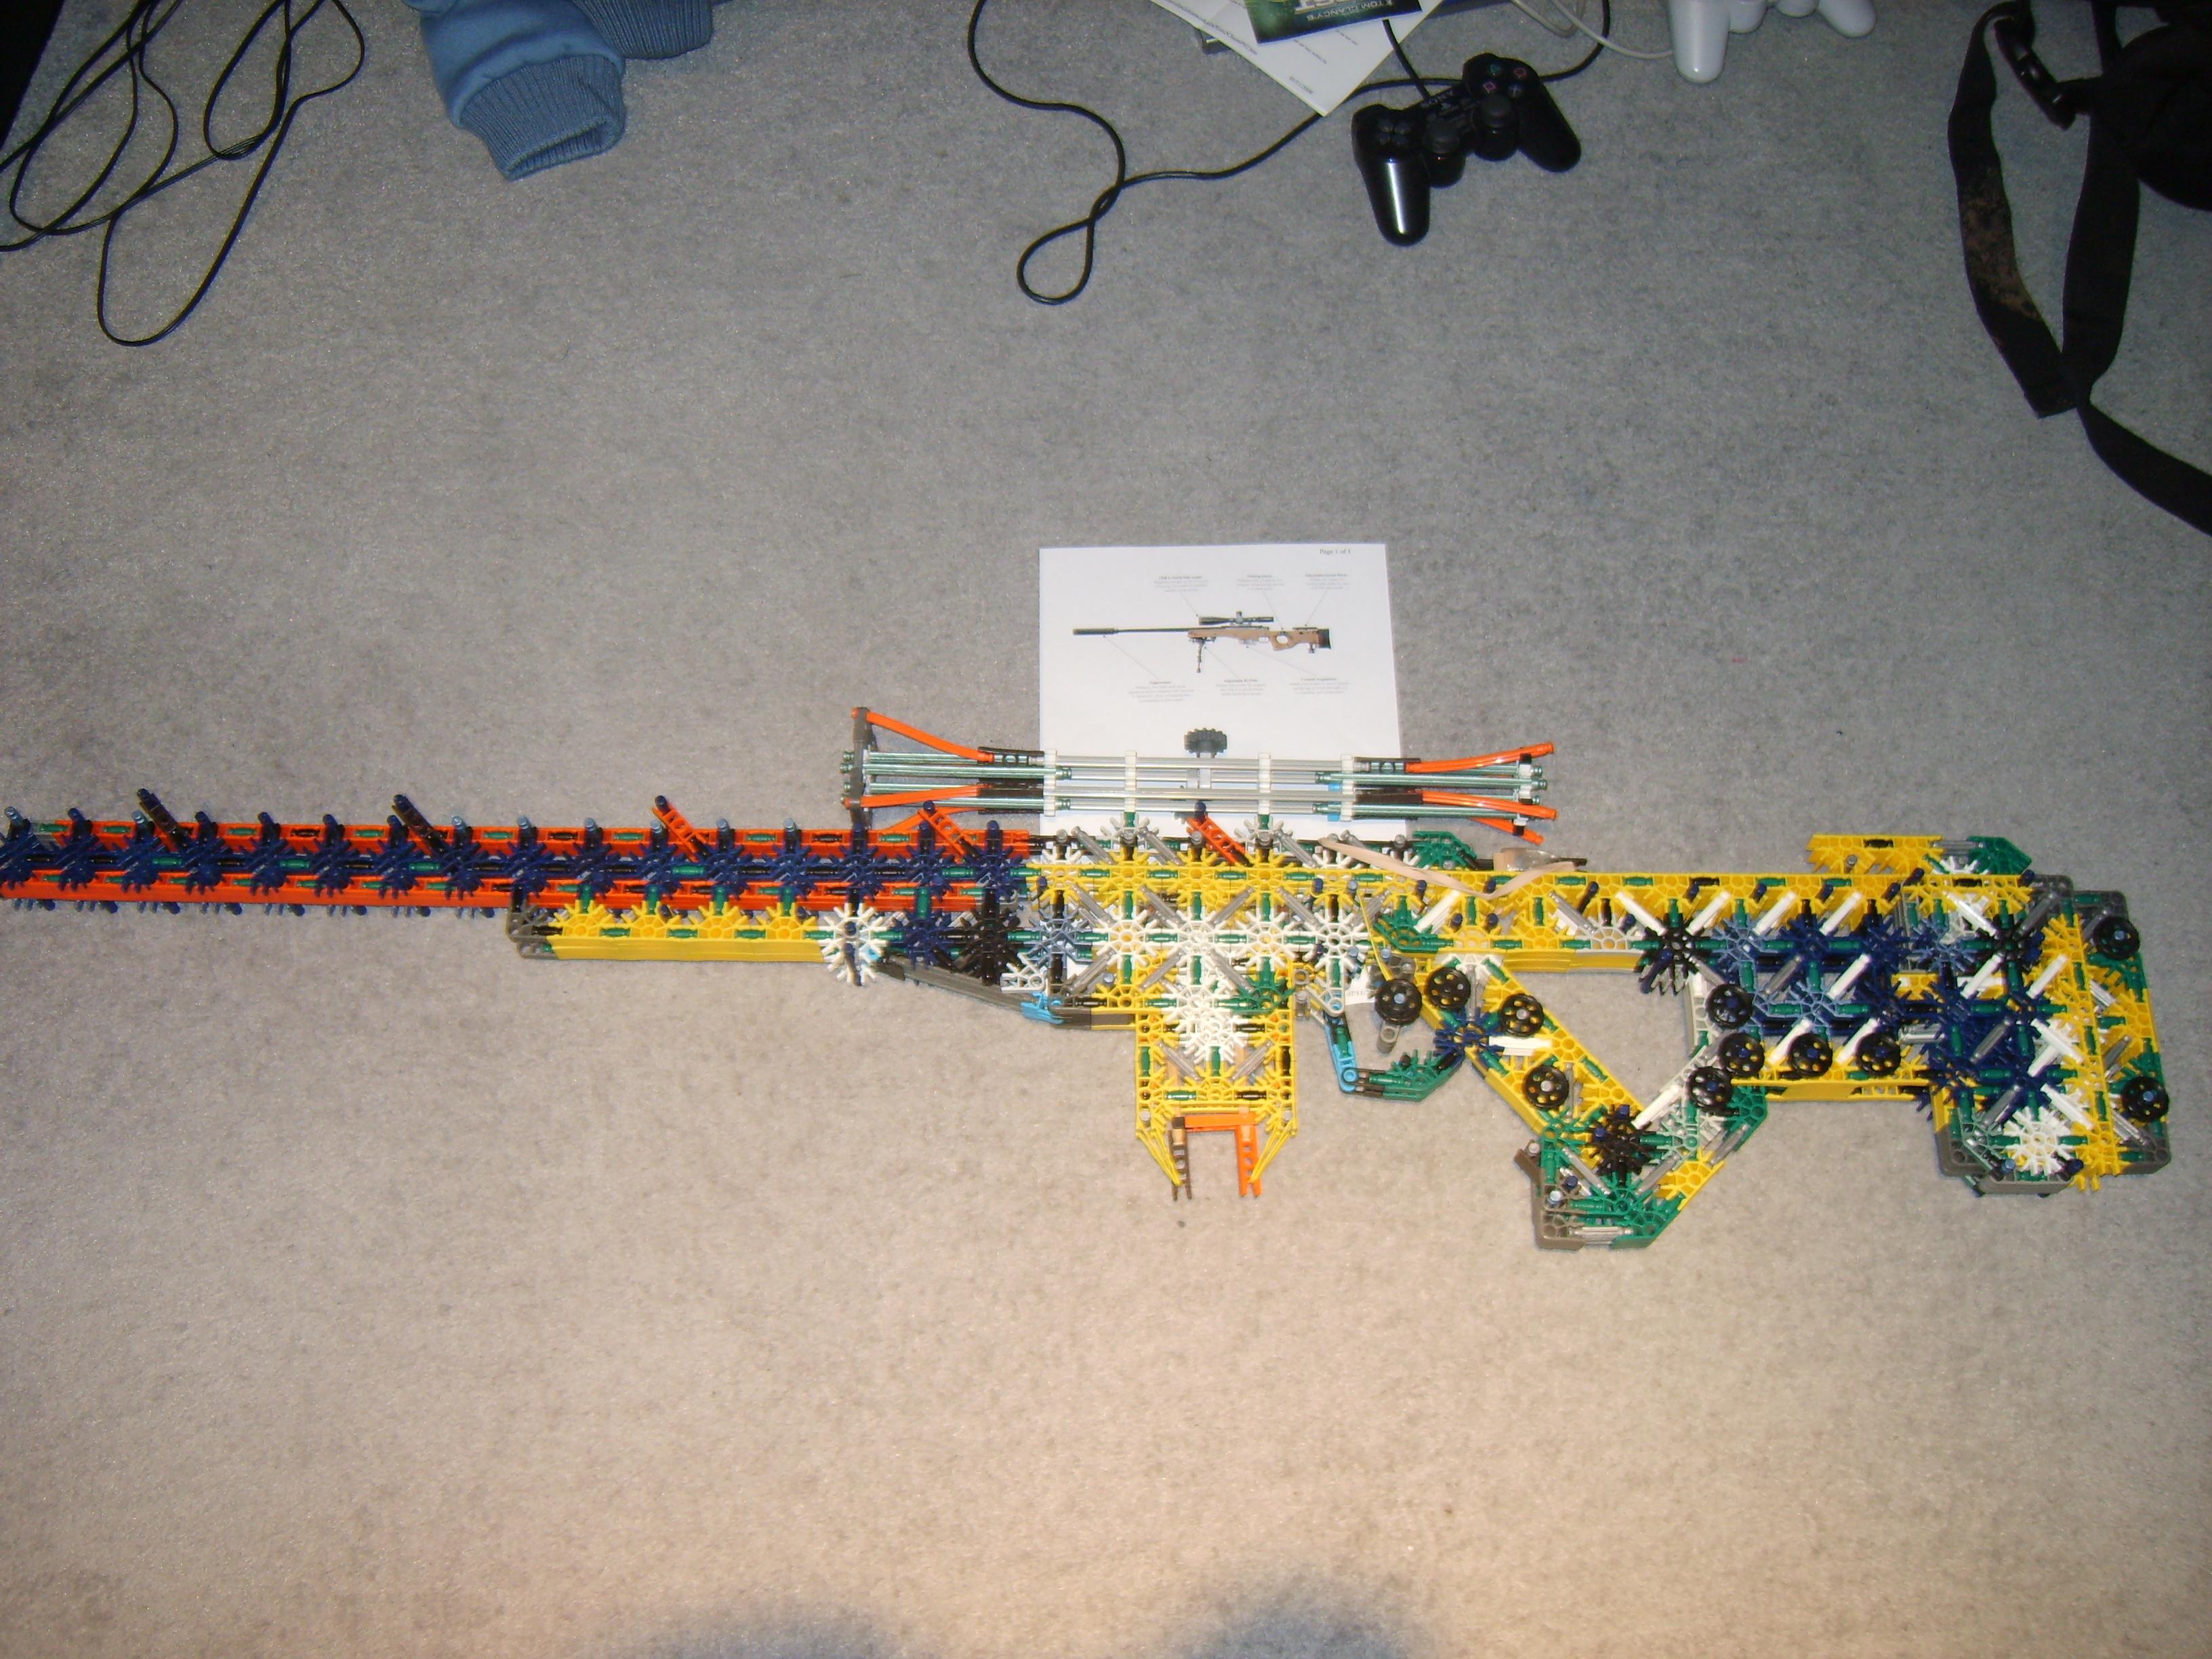 My Knex L96A1